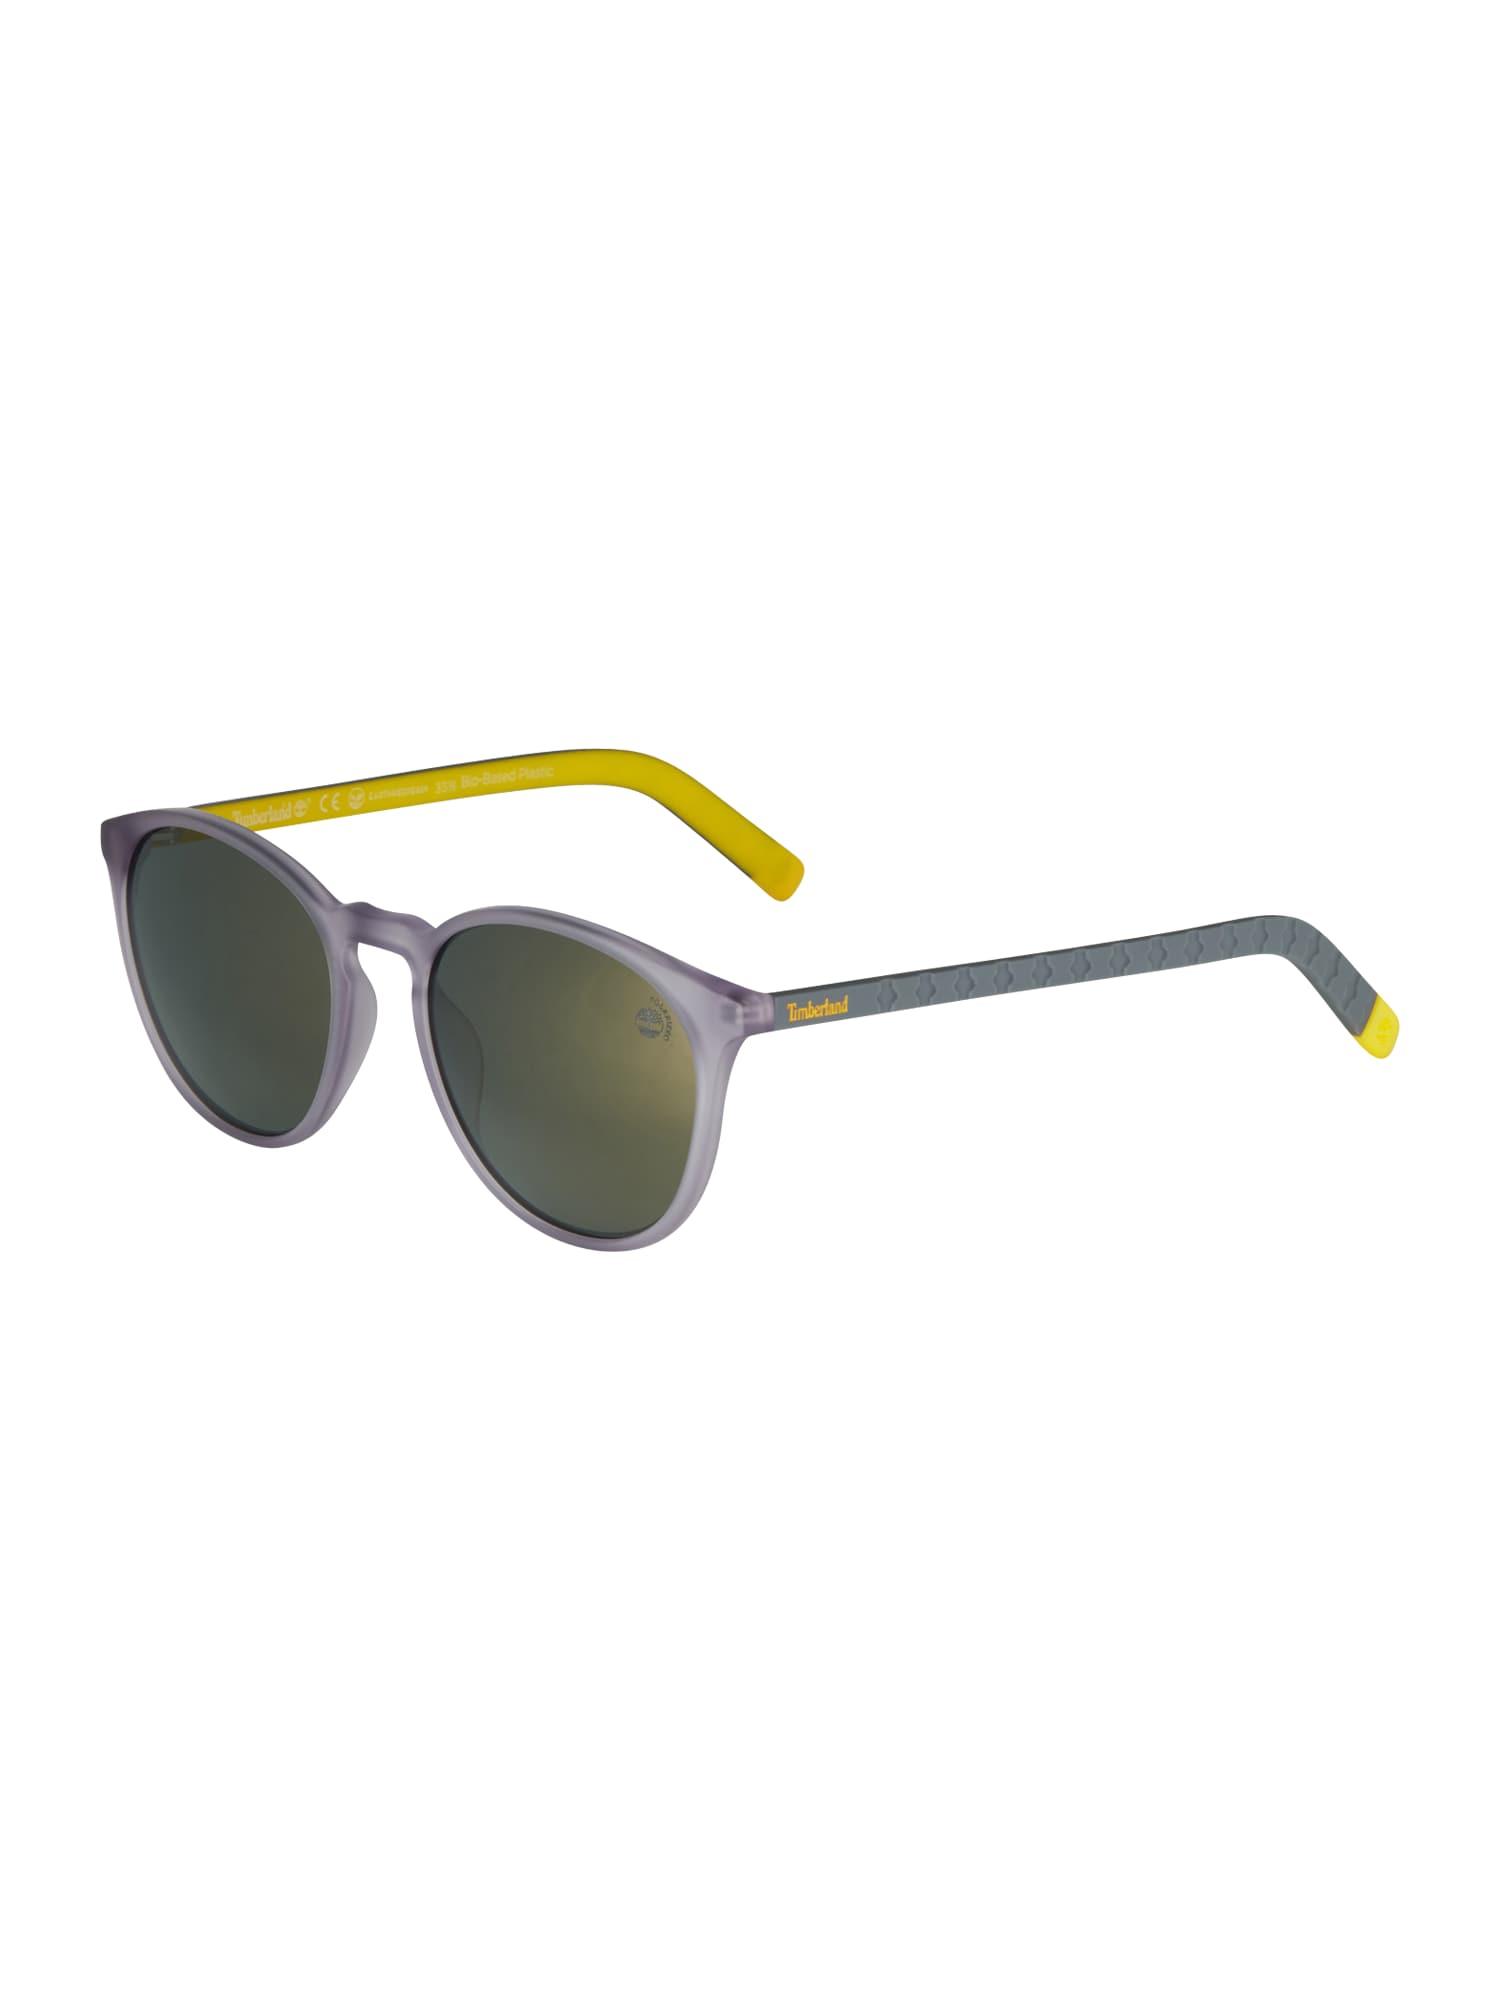 TIMBERLAND Akiniai nuo saulės geltona / pilka